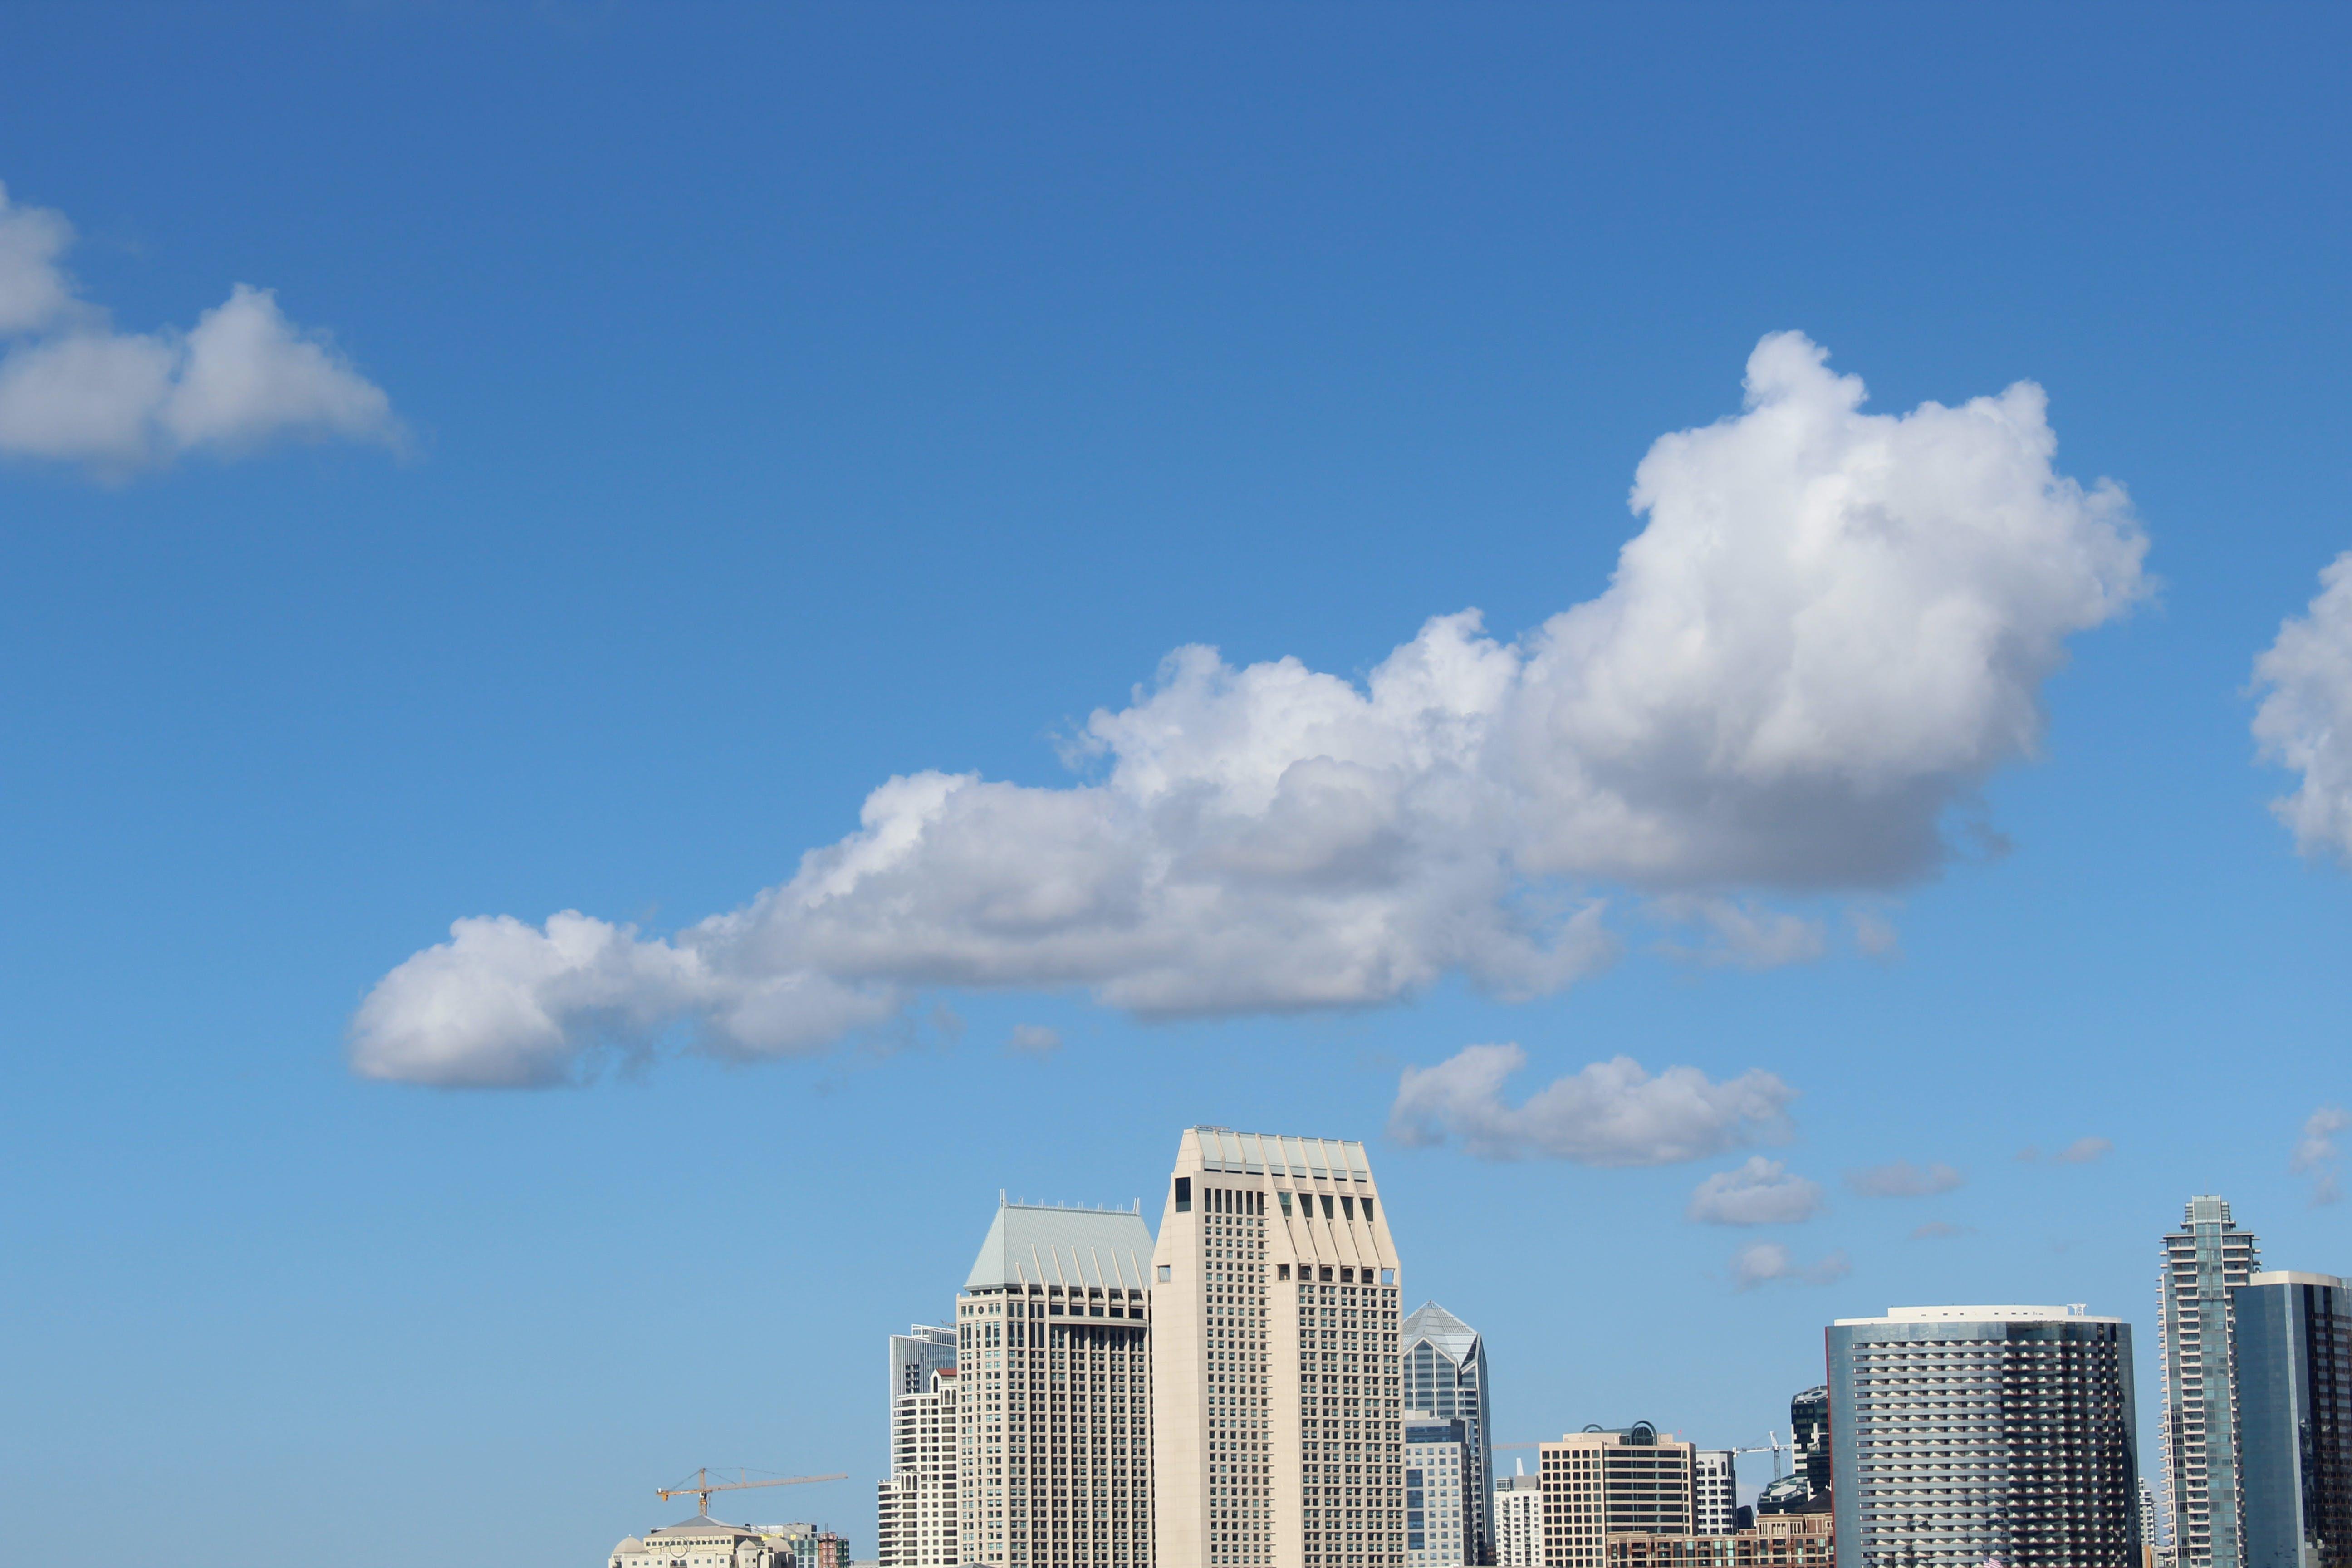 Cumulus Clouds Above High-rise Building